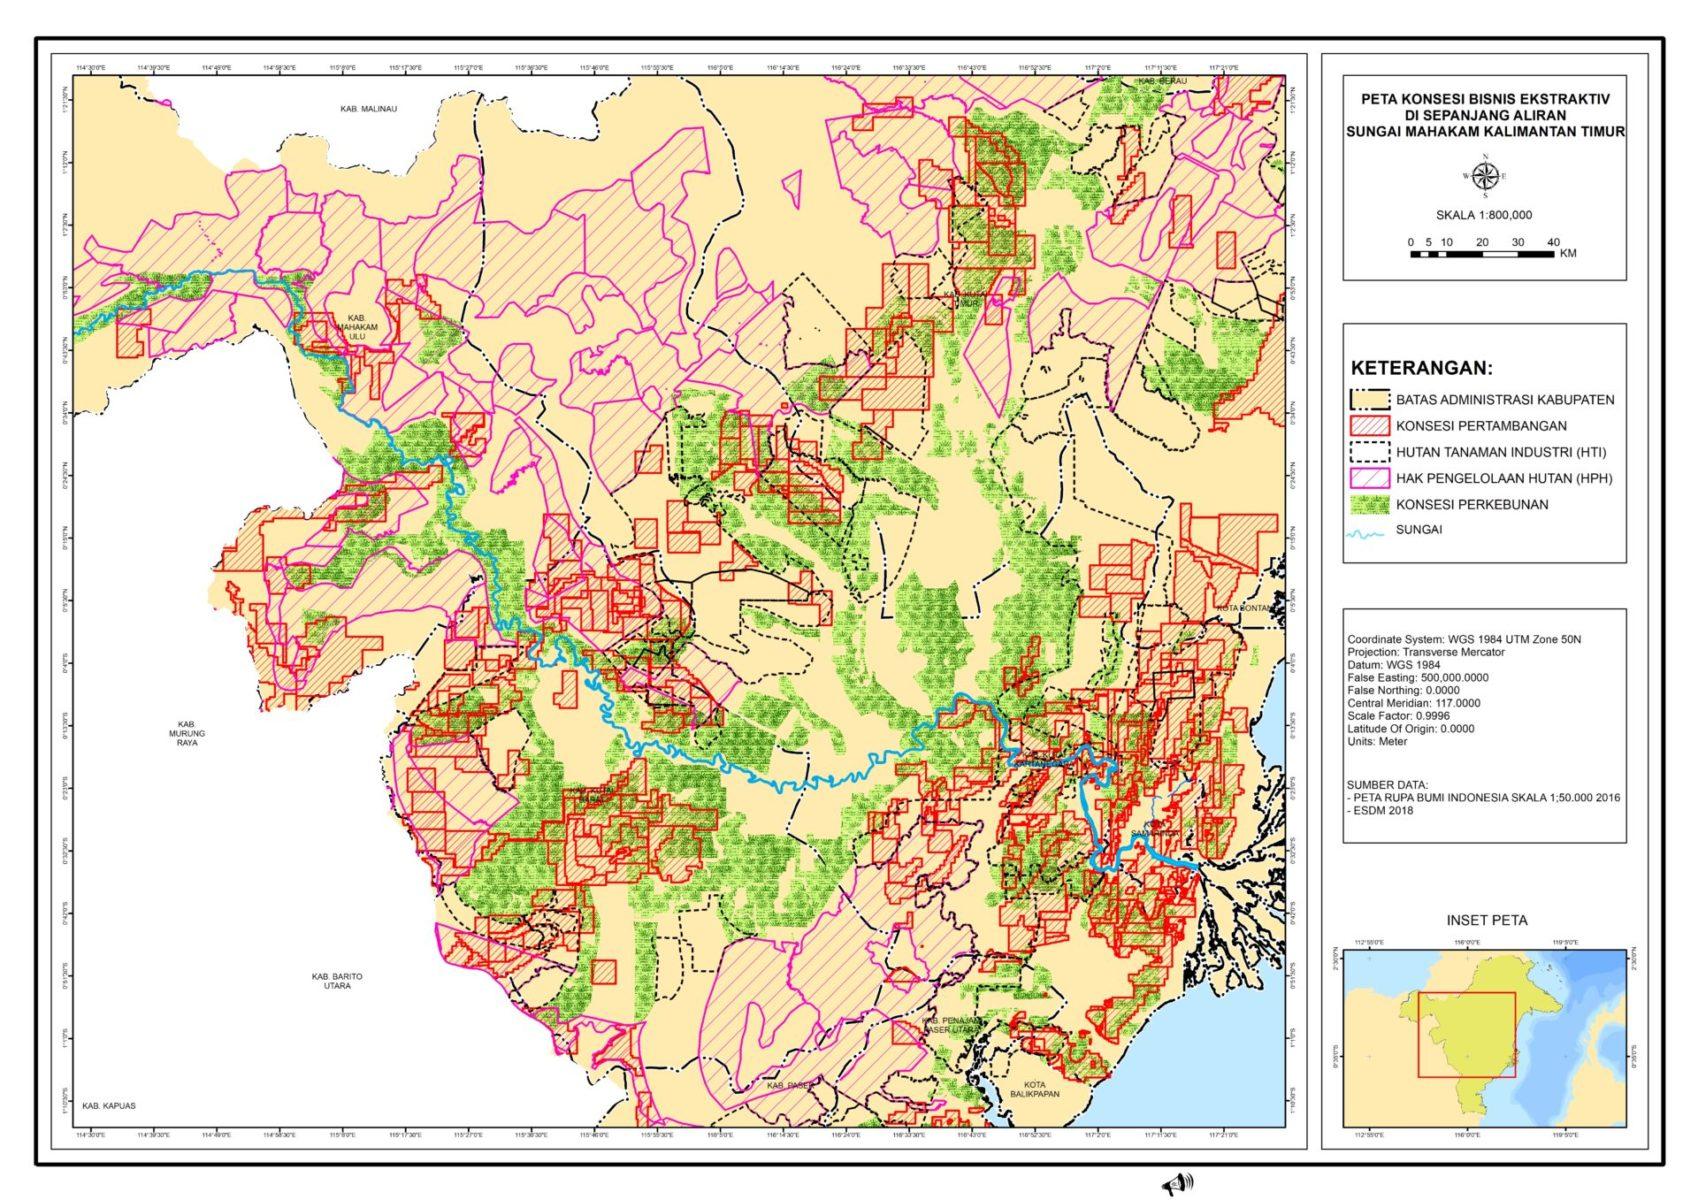 Die Karte zeigt den Mahakam-Fluss umgeben von Kohleabbaukonzessionen in Ost-Kalimantan © Seny / JATAM